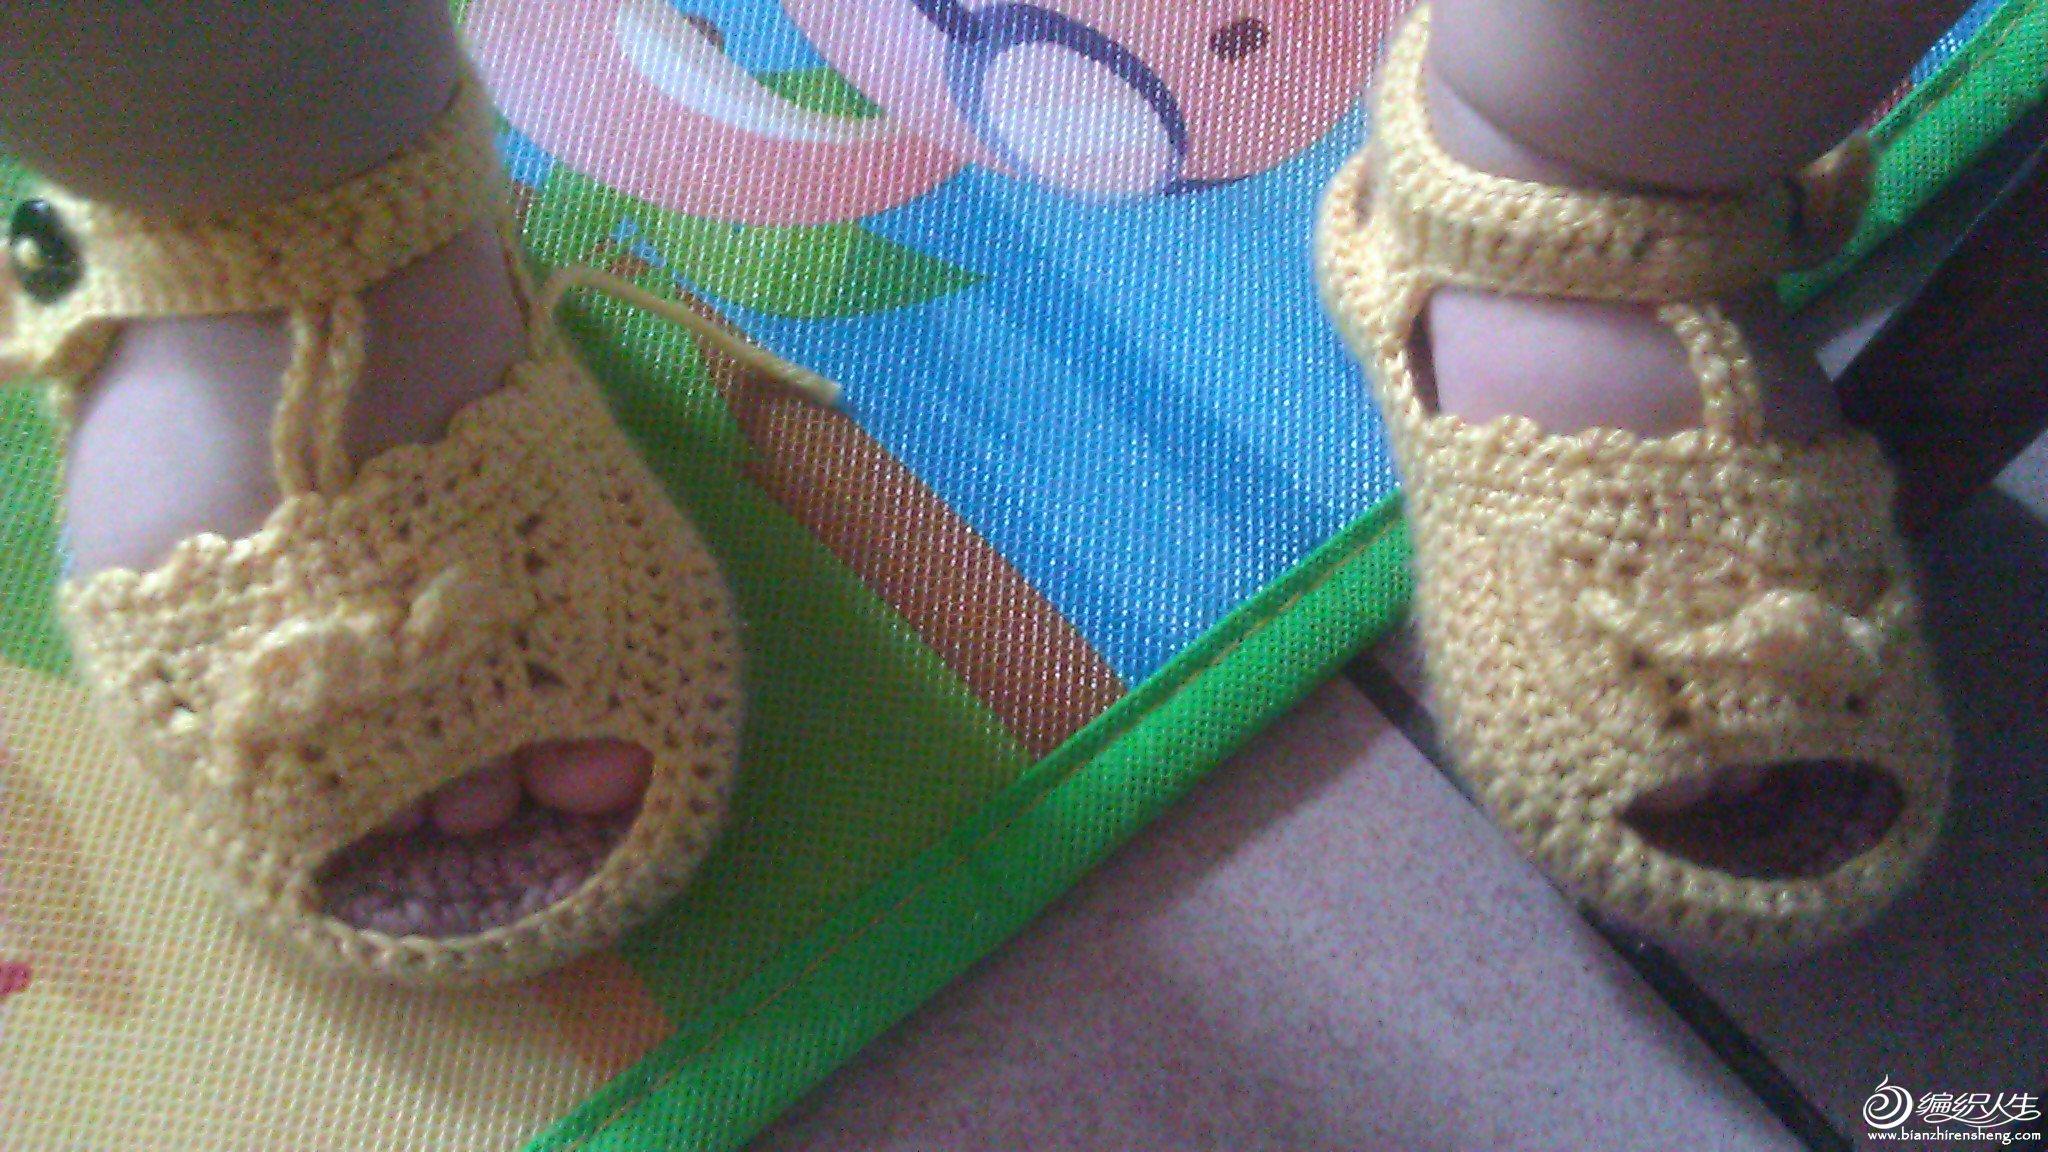 仿白眼鱼的彩虹凉鞋